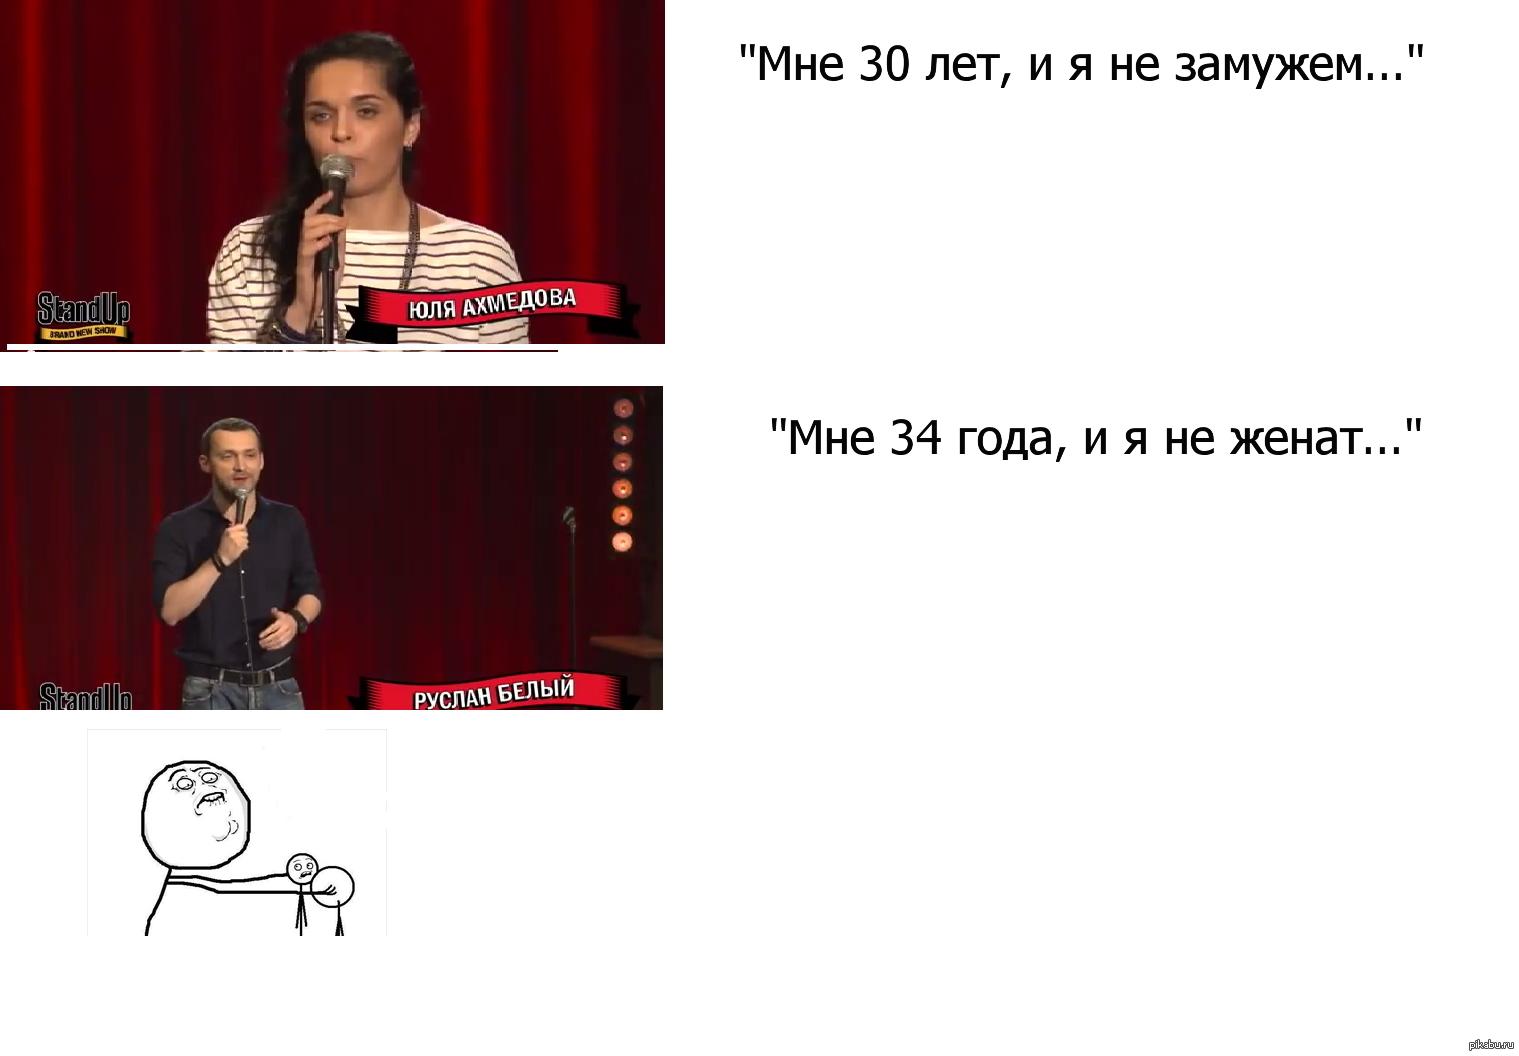 uboynaya-liga-bidlo-muzhik-muzhik-roliki-hannoy-shou